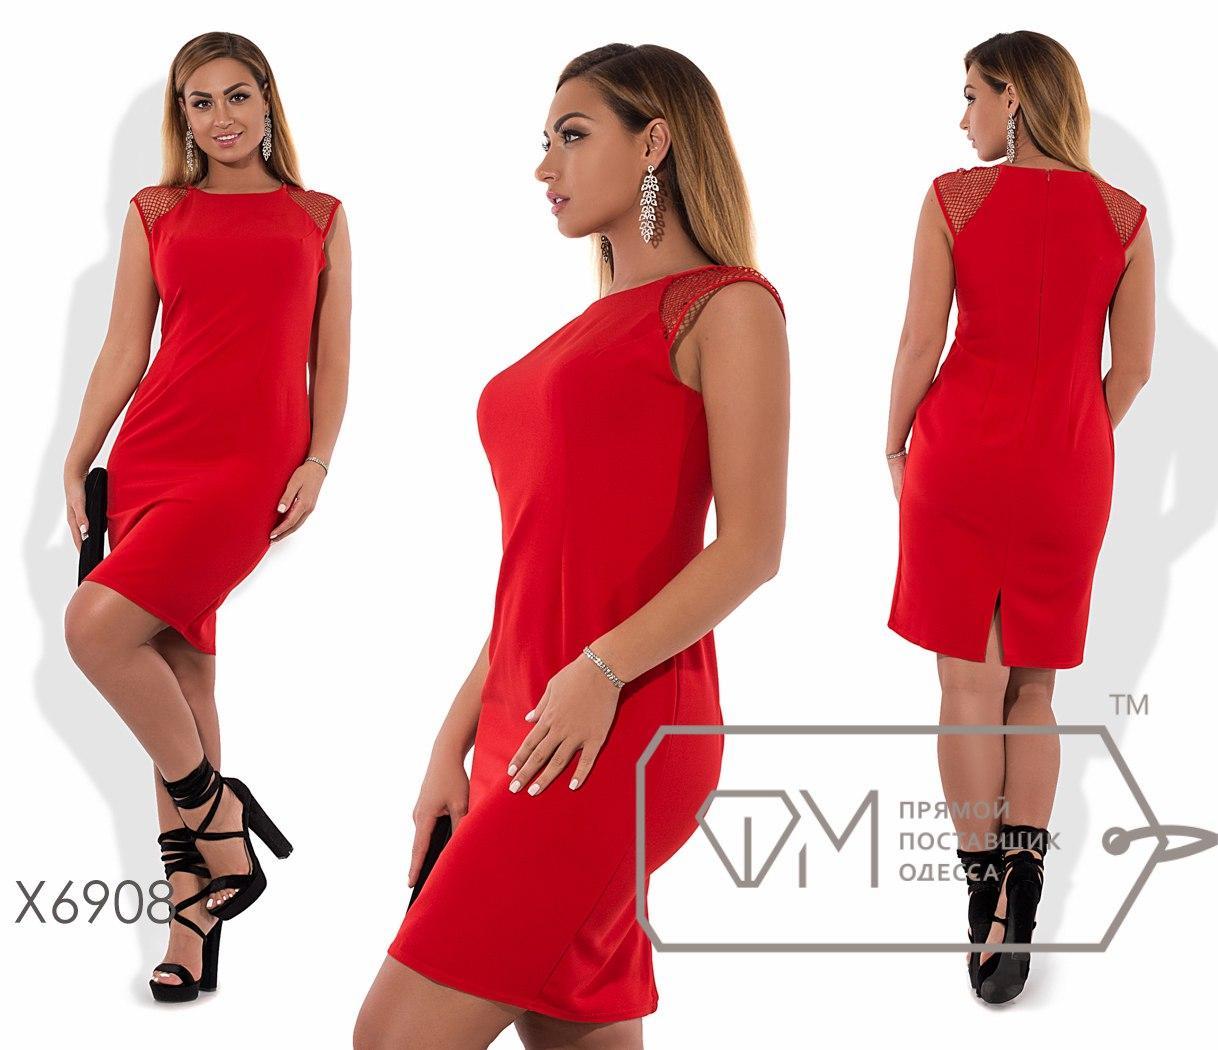 Платье-футляр мини приталенное из костюмки без рукавов с прозрачными плечиками-реглан из сетки X6908